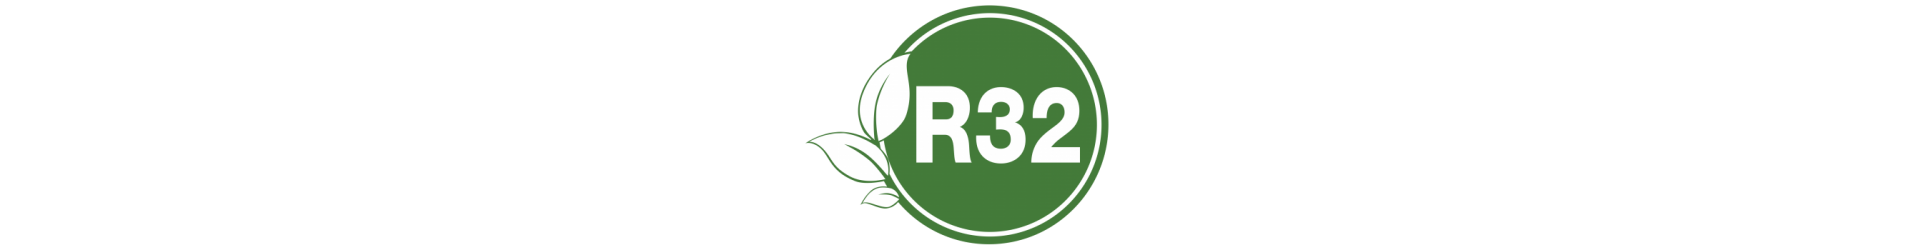 Inneneinheit Klimageräte Mitsubishi R32